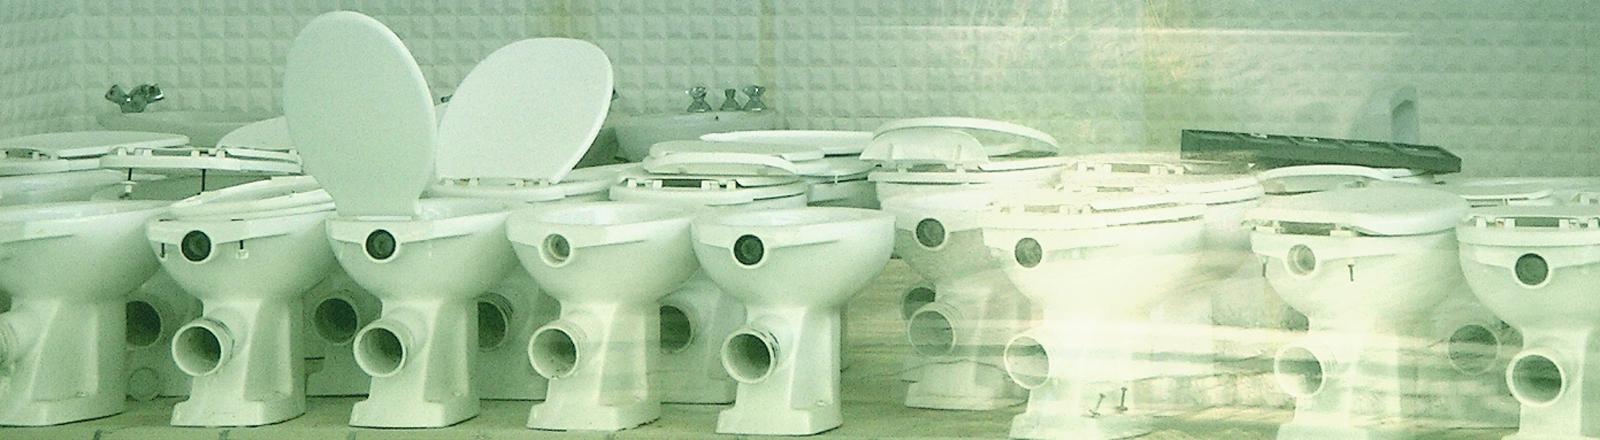 Eine Reihe Toilettenschüsseln in einem Schwimmbad